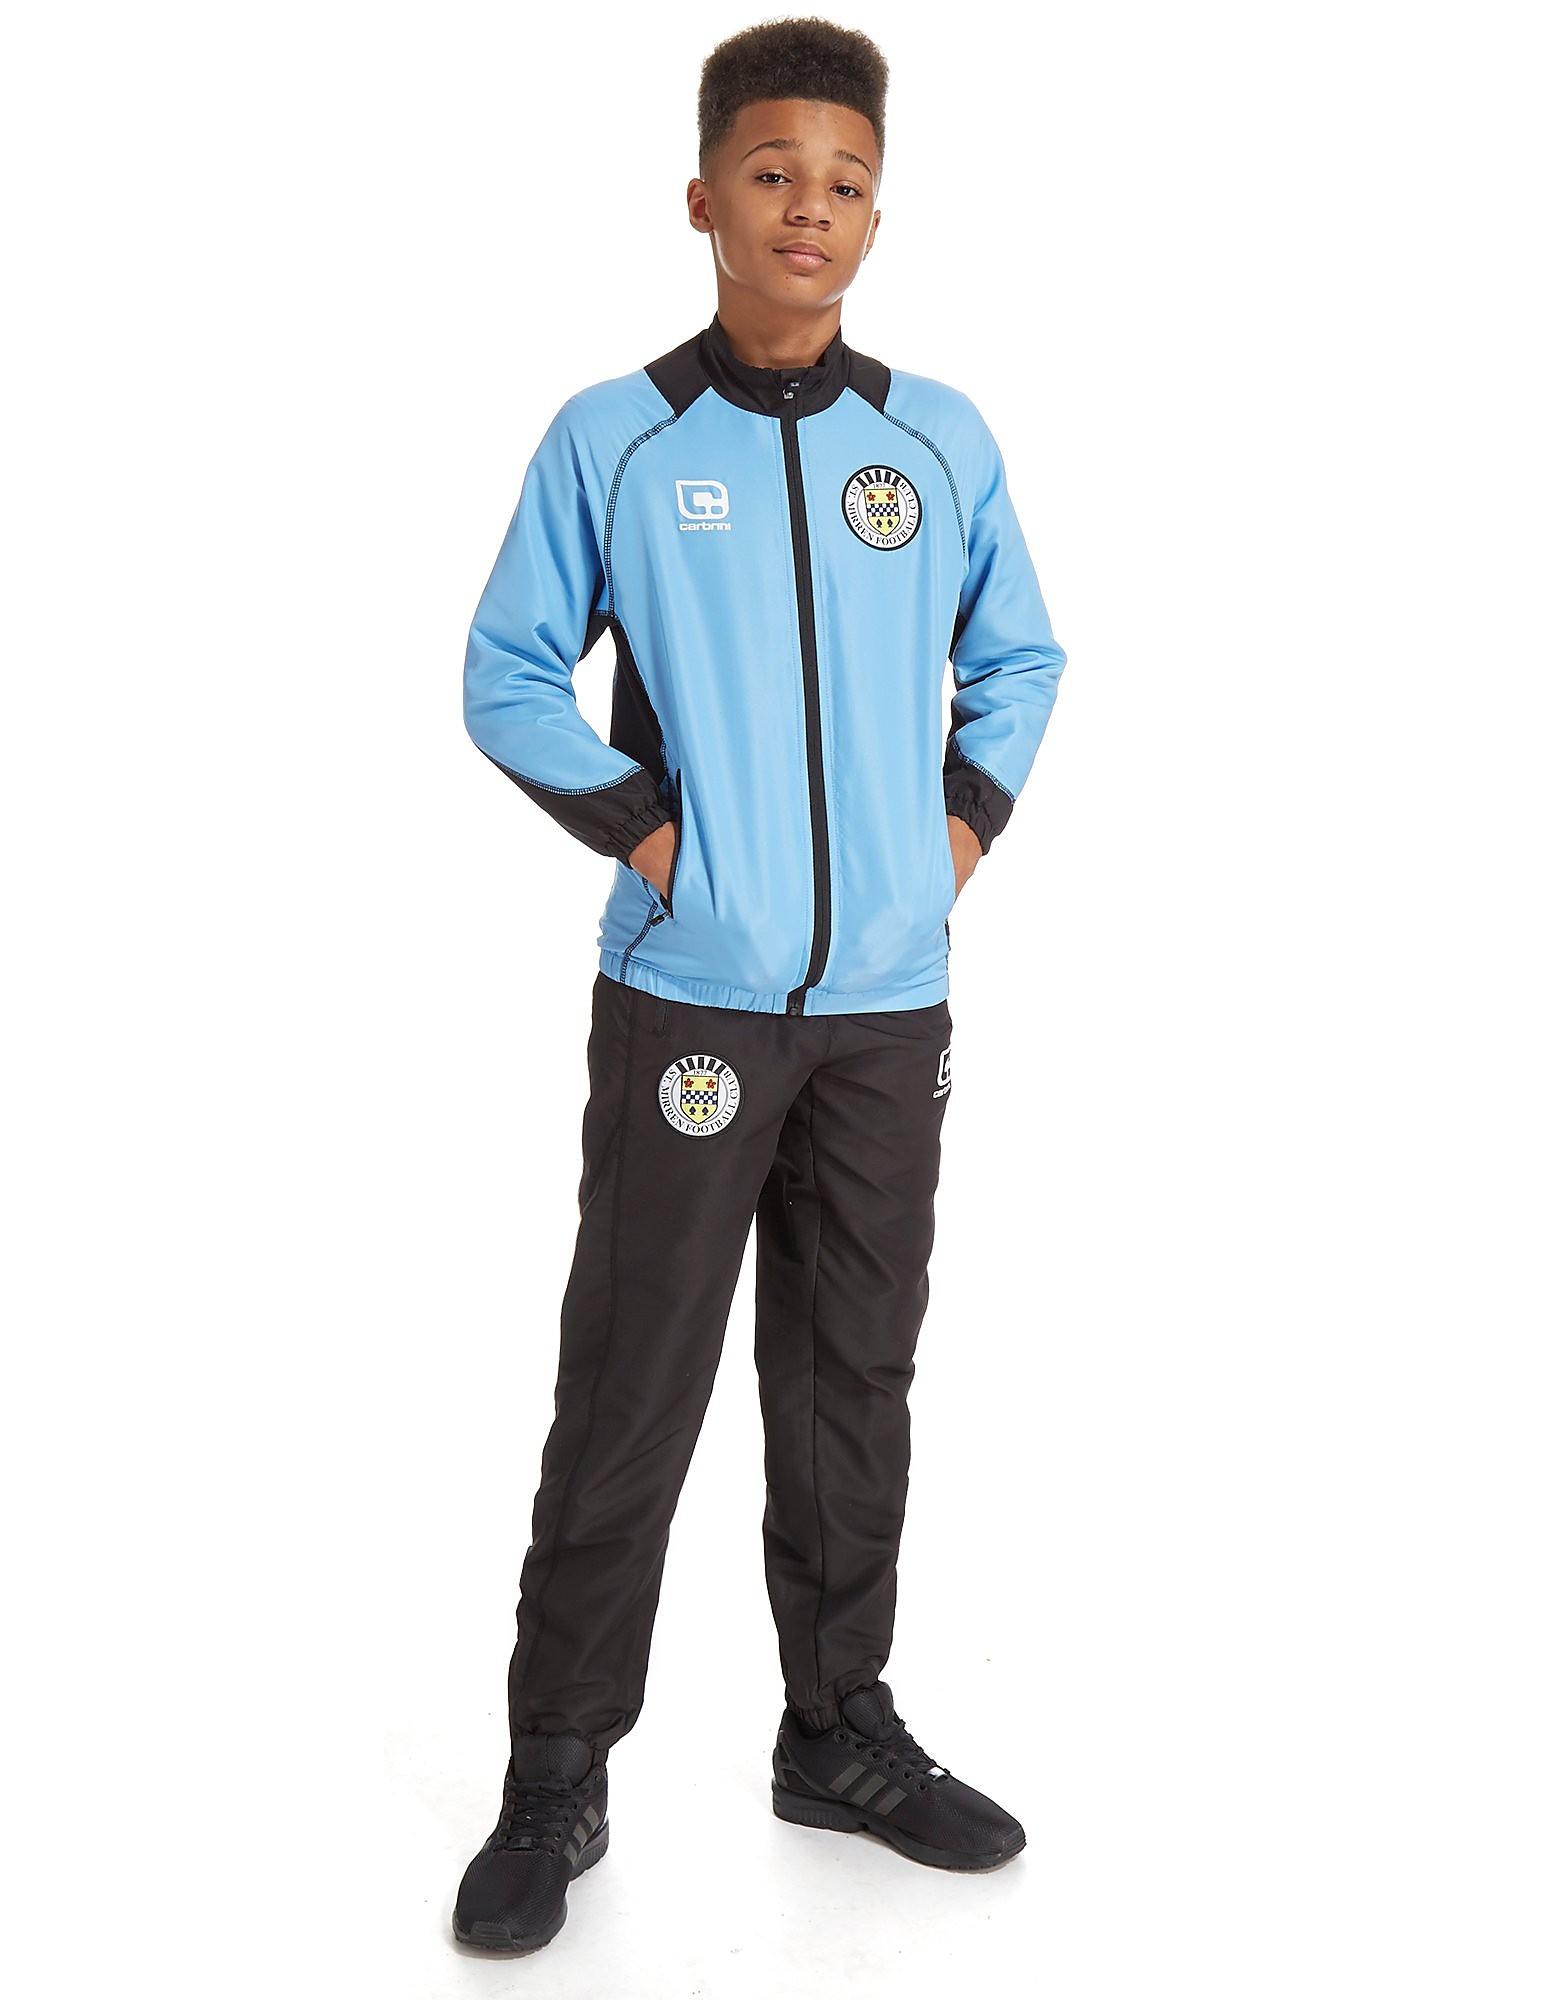 Carbrini St Mirren FC 2016/17 Tracksuit Junior